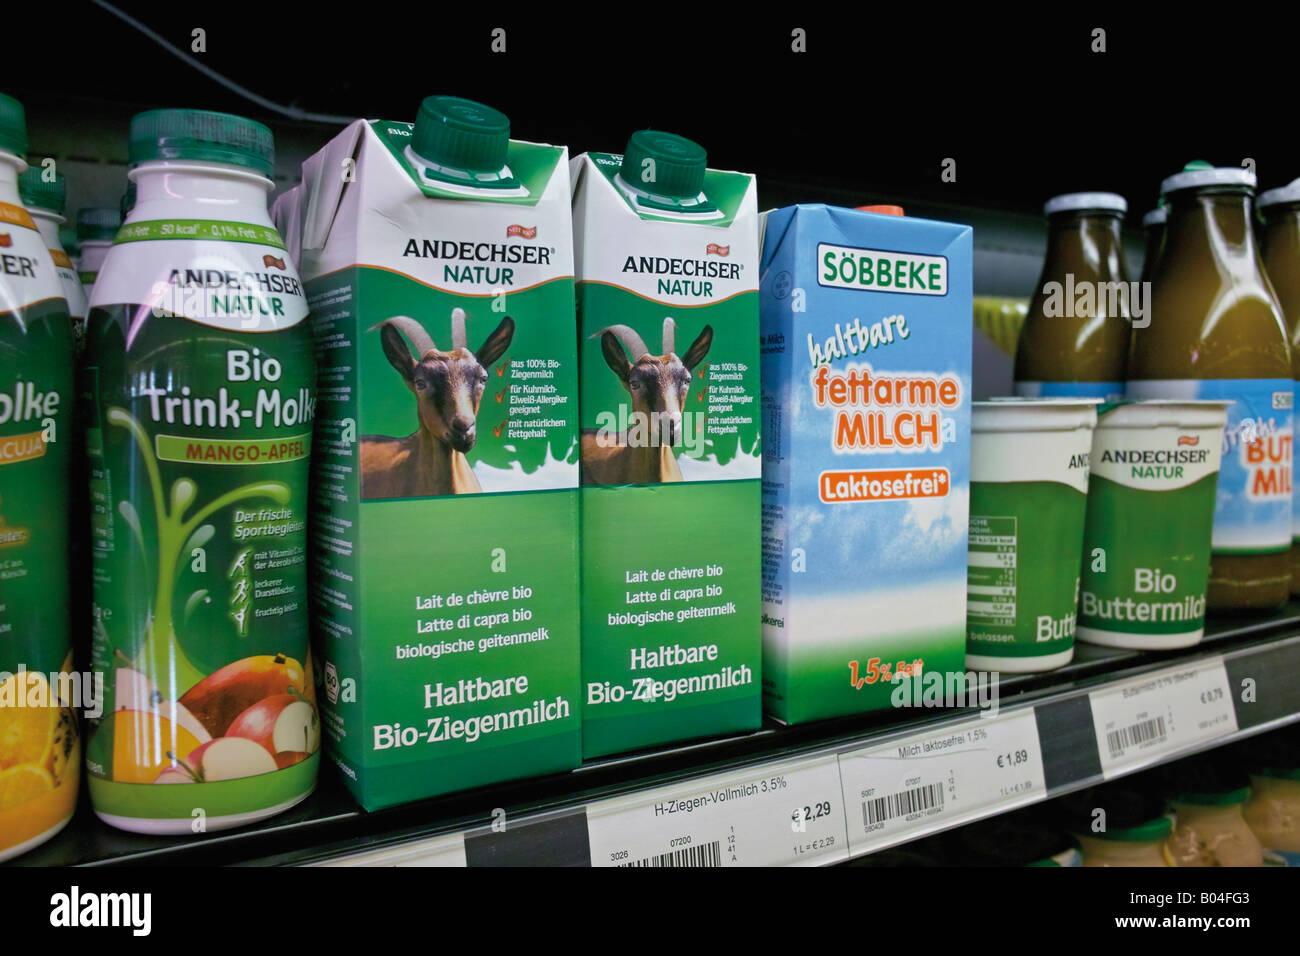 Surtido de productos lácteos en la tienda de alimentos ecológicos alemán  Imagen De Stock d74a59c09a31